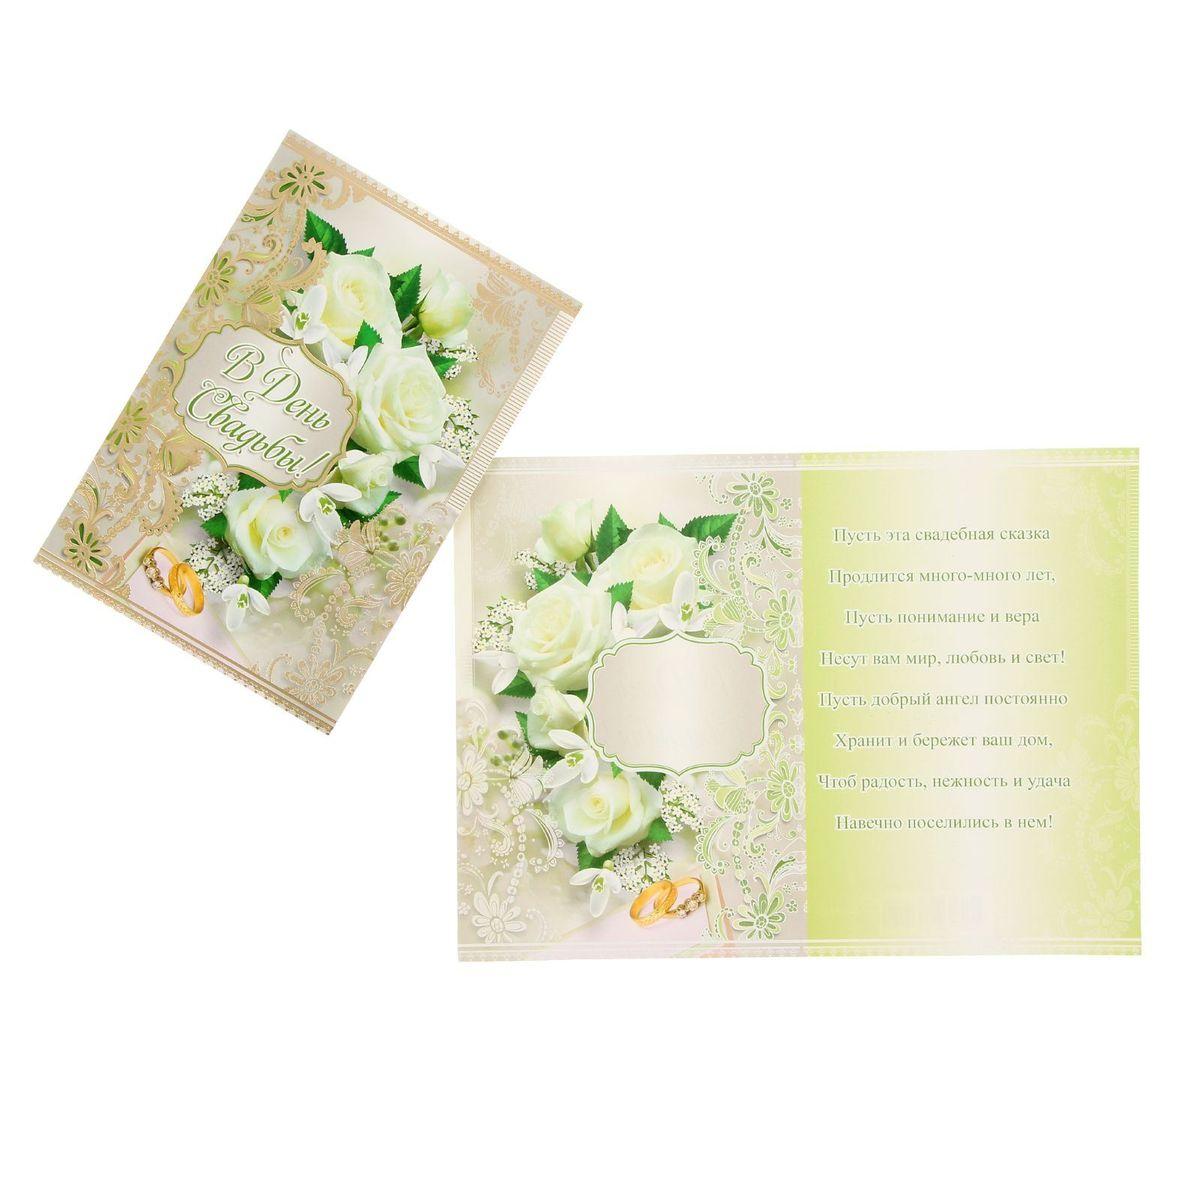 Открытка Sima-land В день свадьбы! Белые розы1194674Если вы хотите порадовать себя или близких, создать праздничное настроение и с улыбкой провести памятный день, то вы, несомненно, сделали правильный выбор! Открытка Sima-land В день свадьбы! Белые розы, выполненная из плотной бумаги, отличается не только оригинальным дизайном, но и высоким качеством. Лицевая сторона изделия оформлена ярким изображением. Внутри открытка содержит текст с поздравлением. Такая открытка непременно порадует получателя и станет отличным напоминанием о проведенном вместе времени.